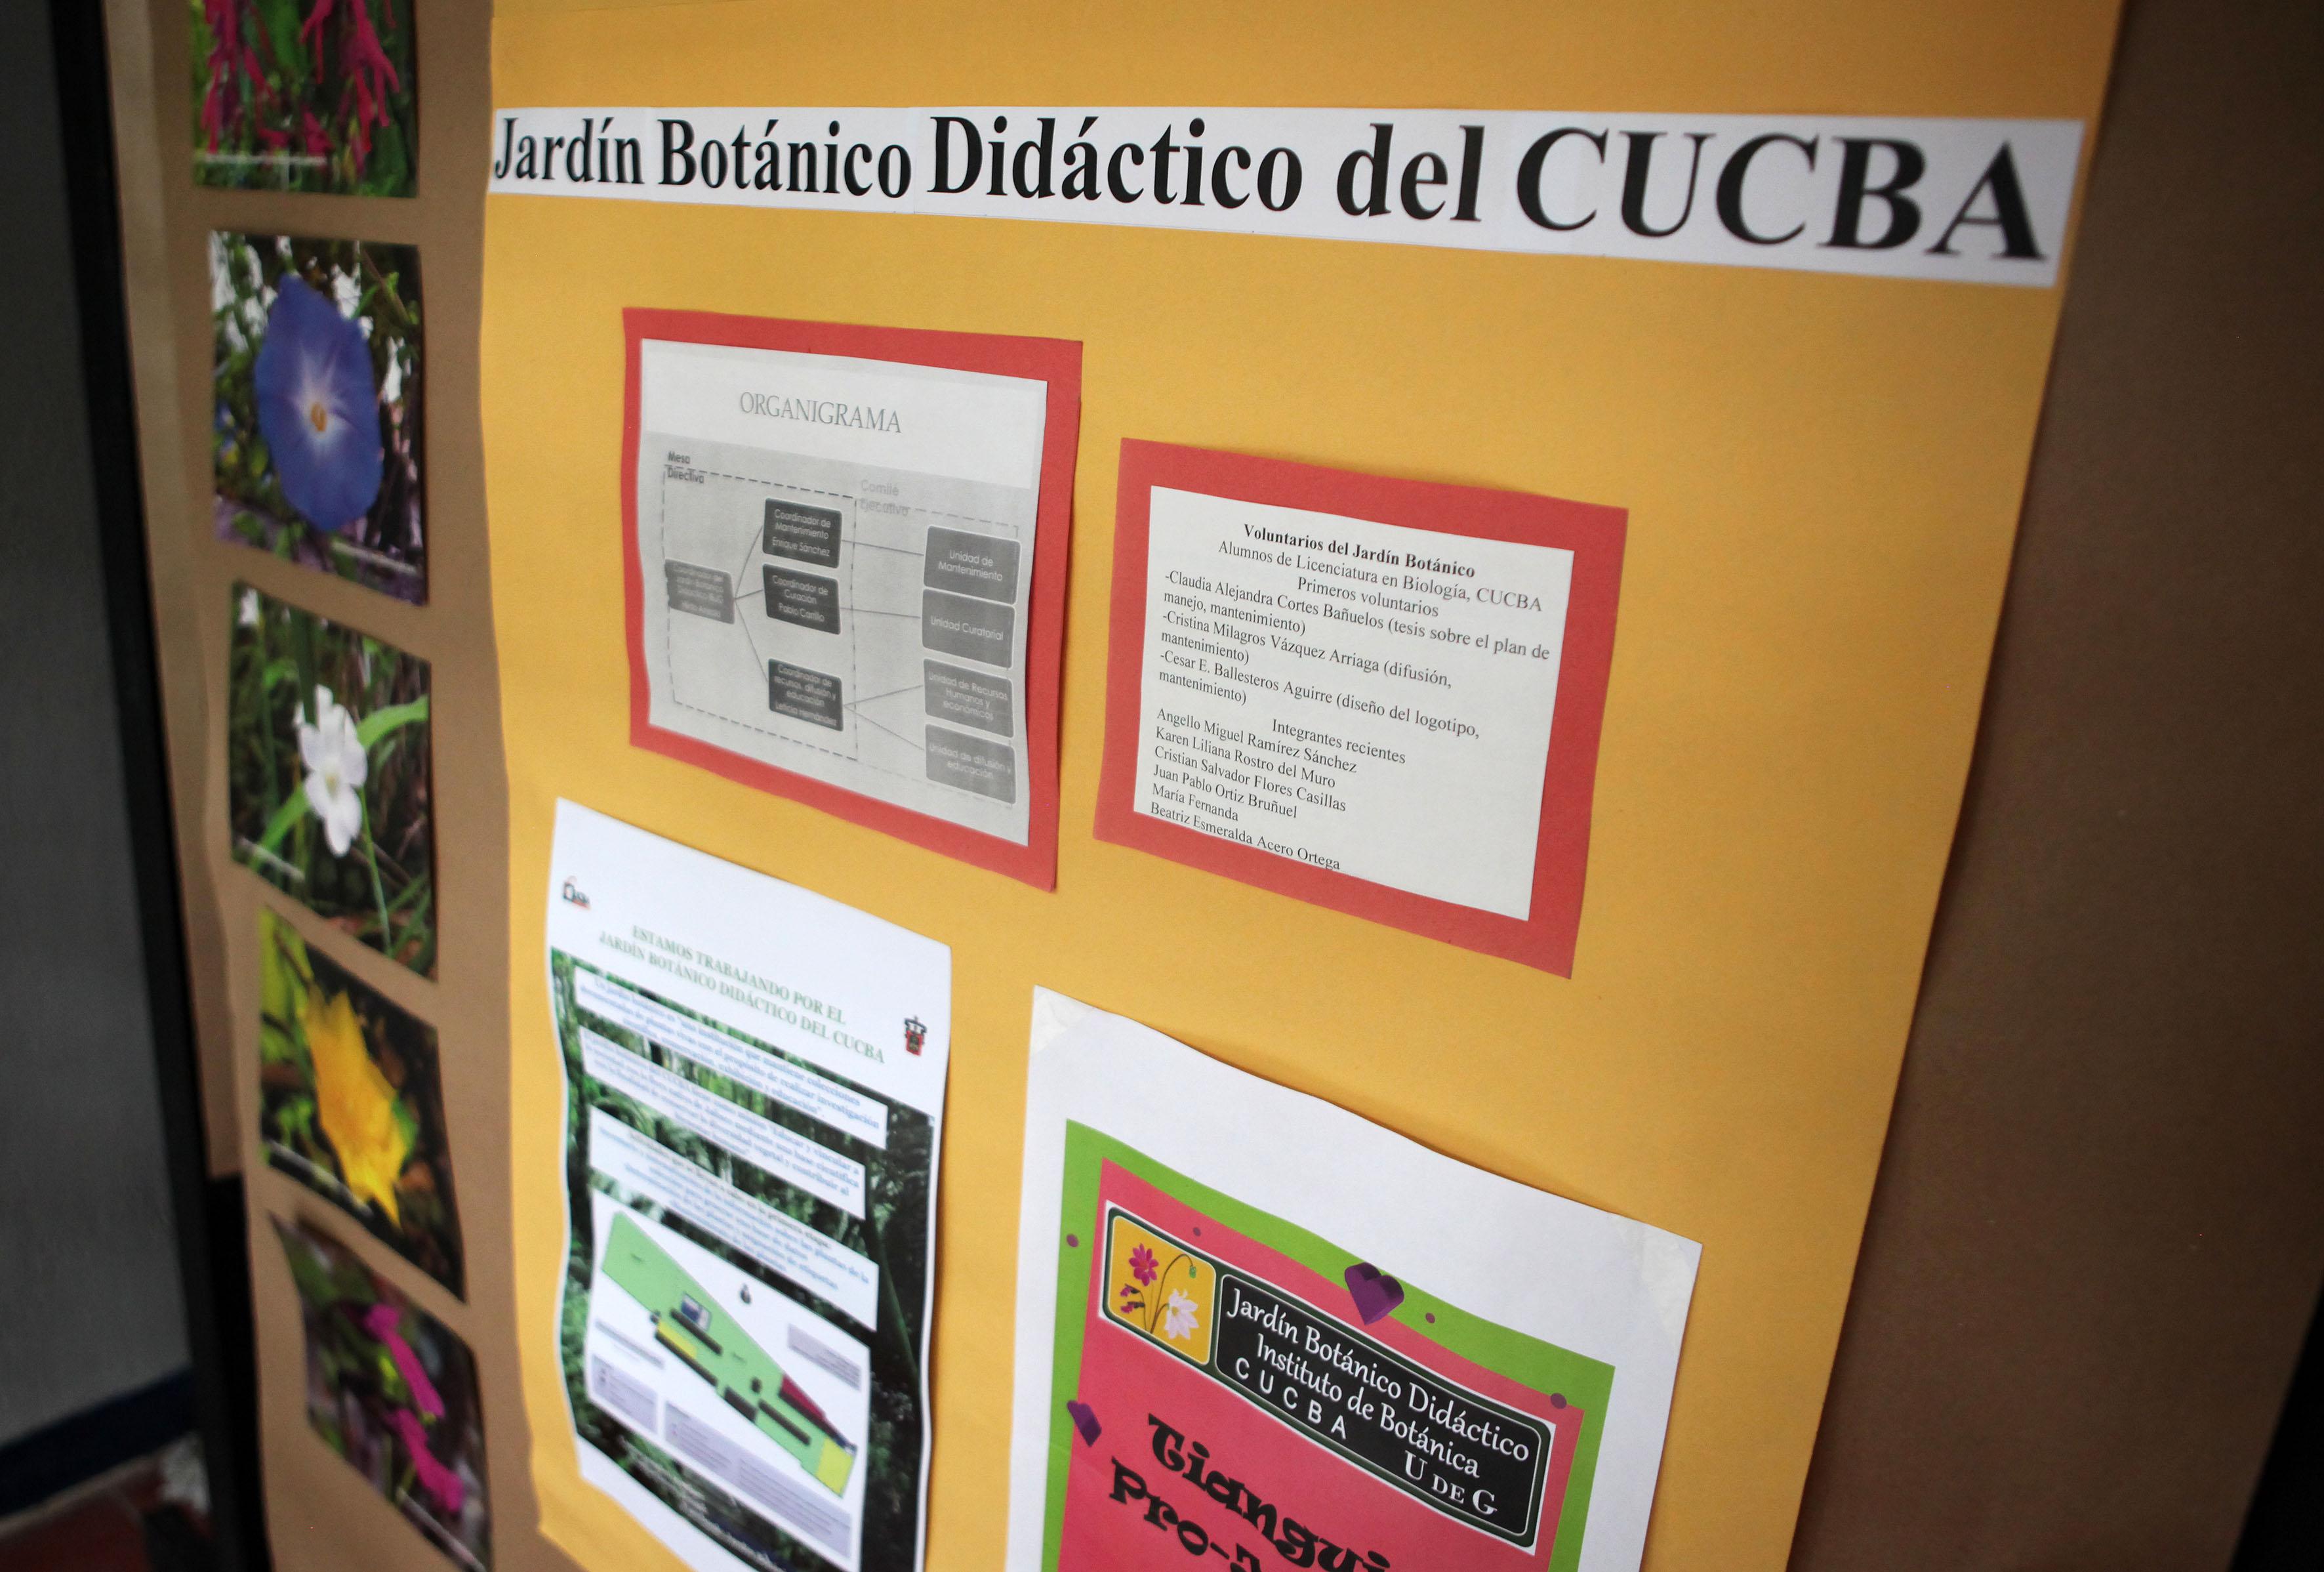 Pared con diferentes carteles informativos sobre los jardines botánicos didácticos